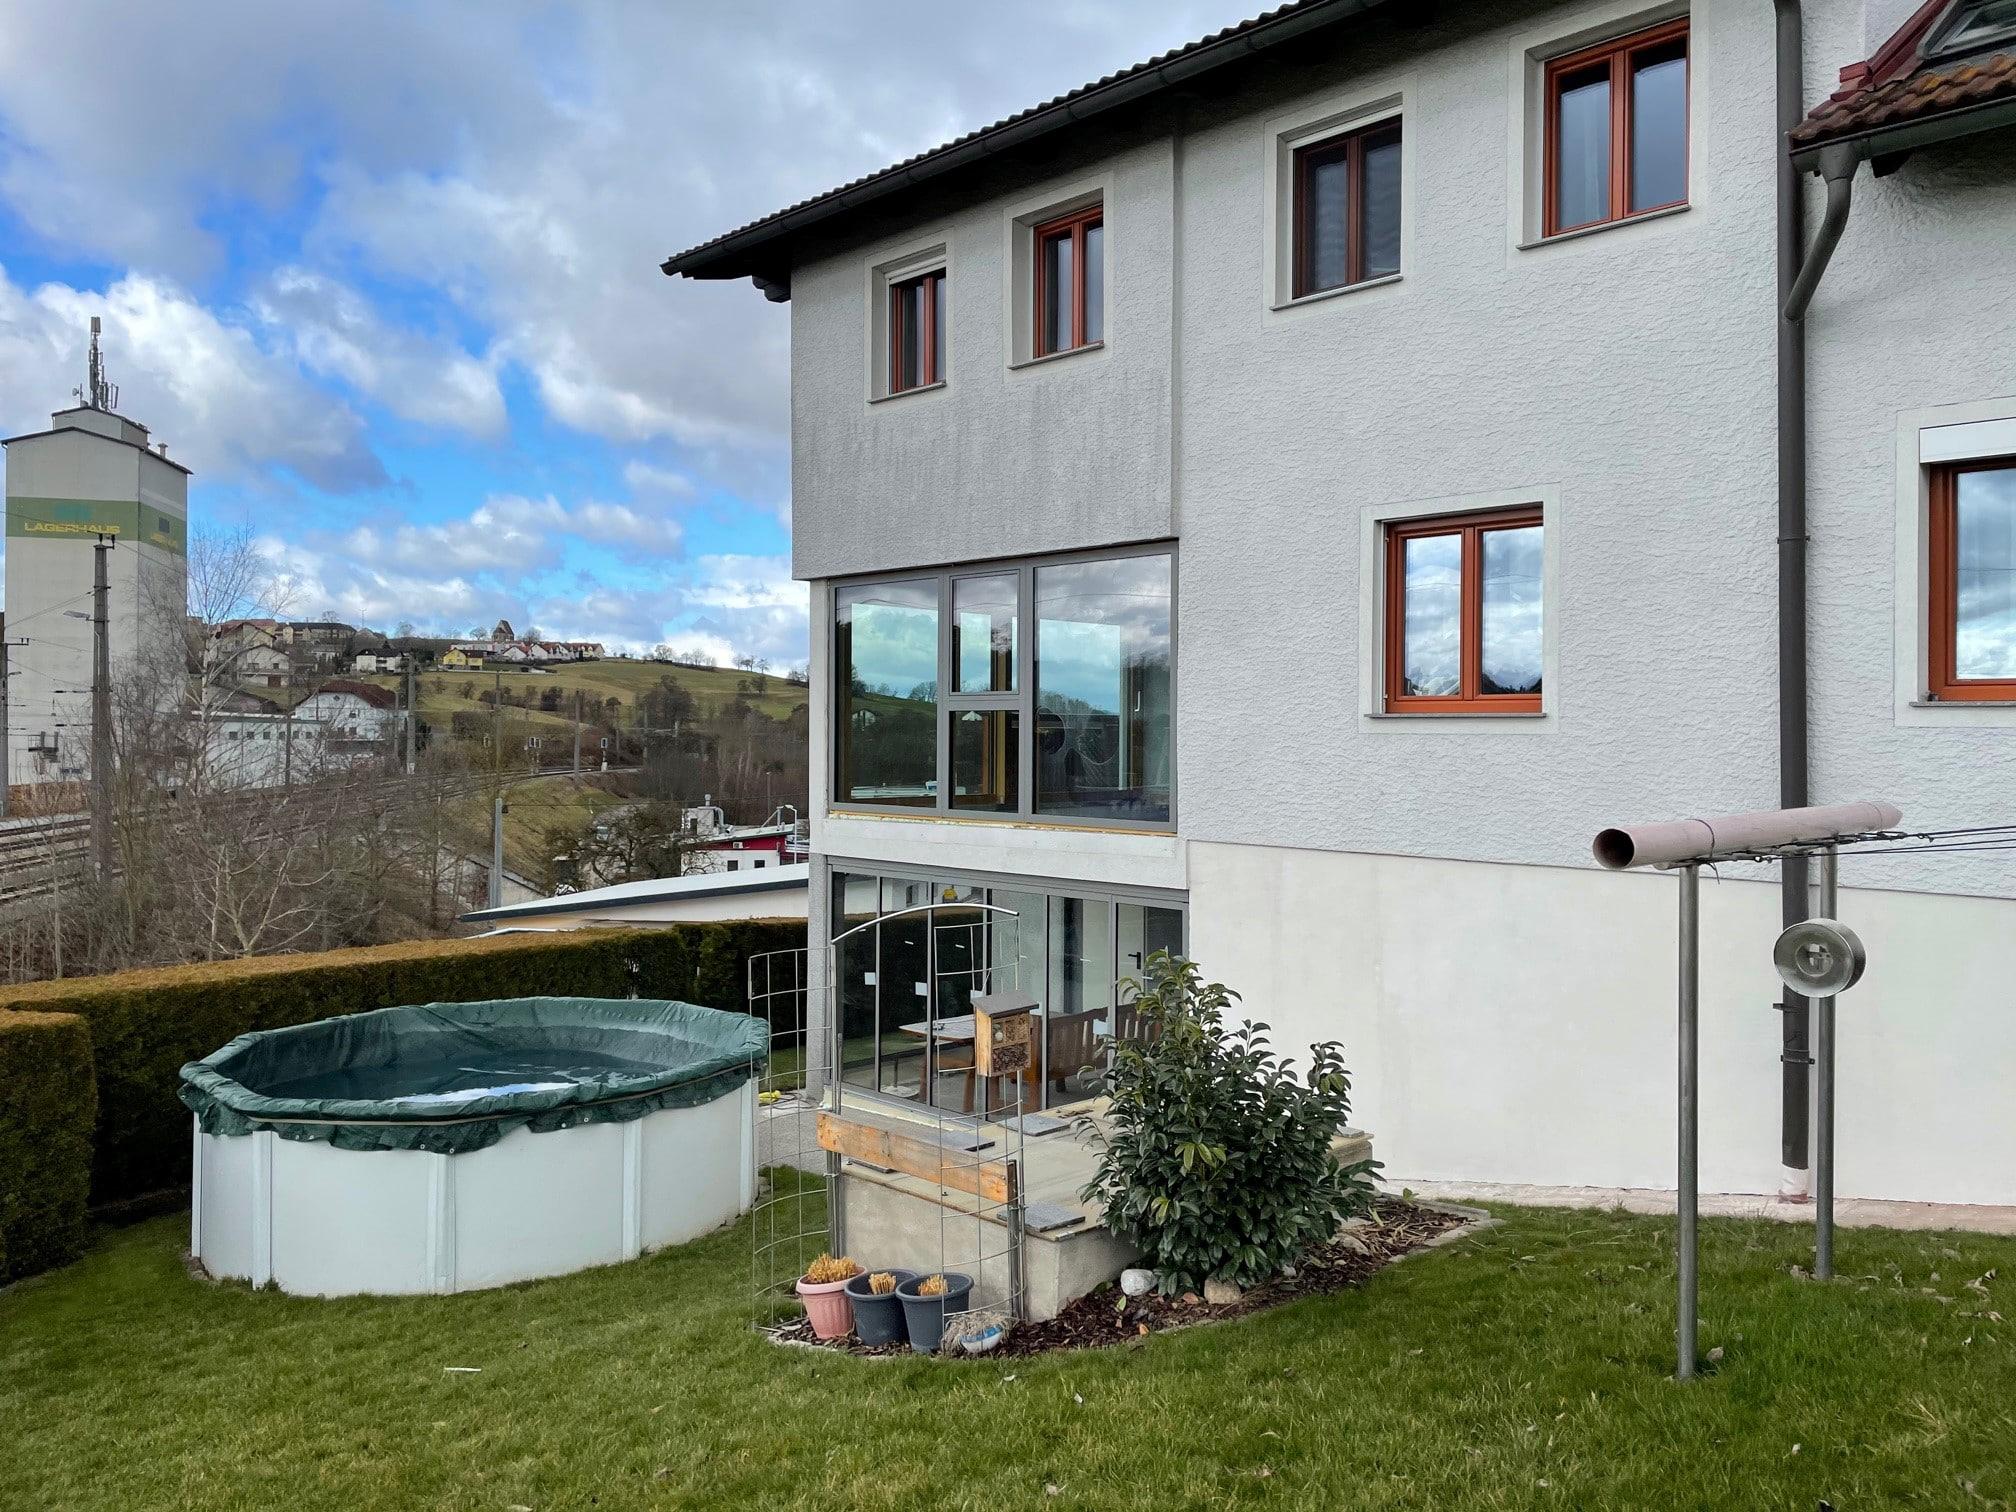 Fenster Holz Aluminium in grau für BV 4232 Hagenberg